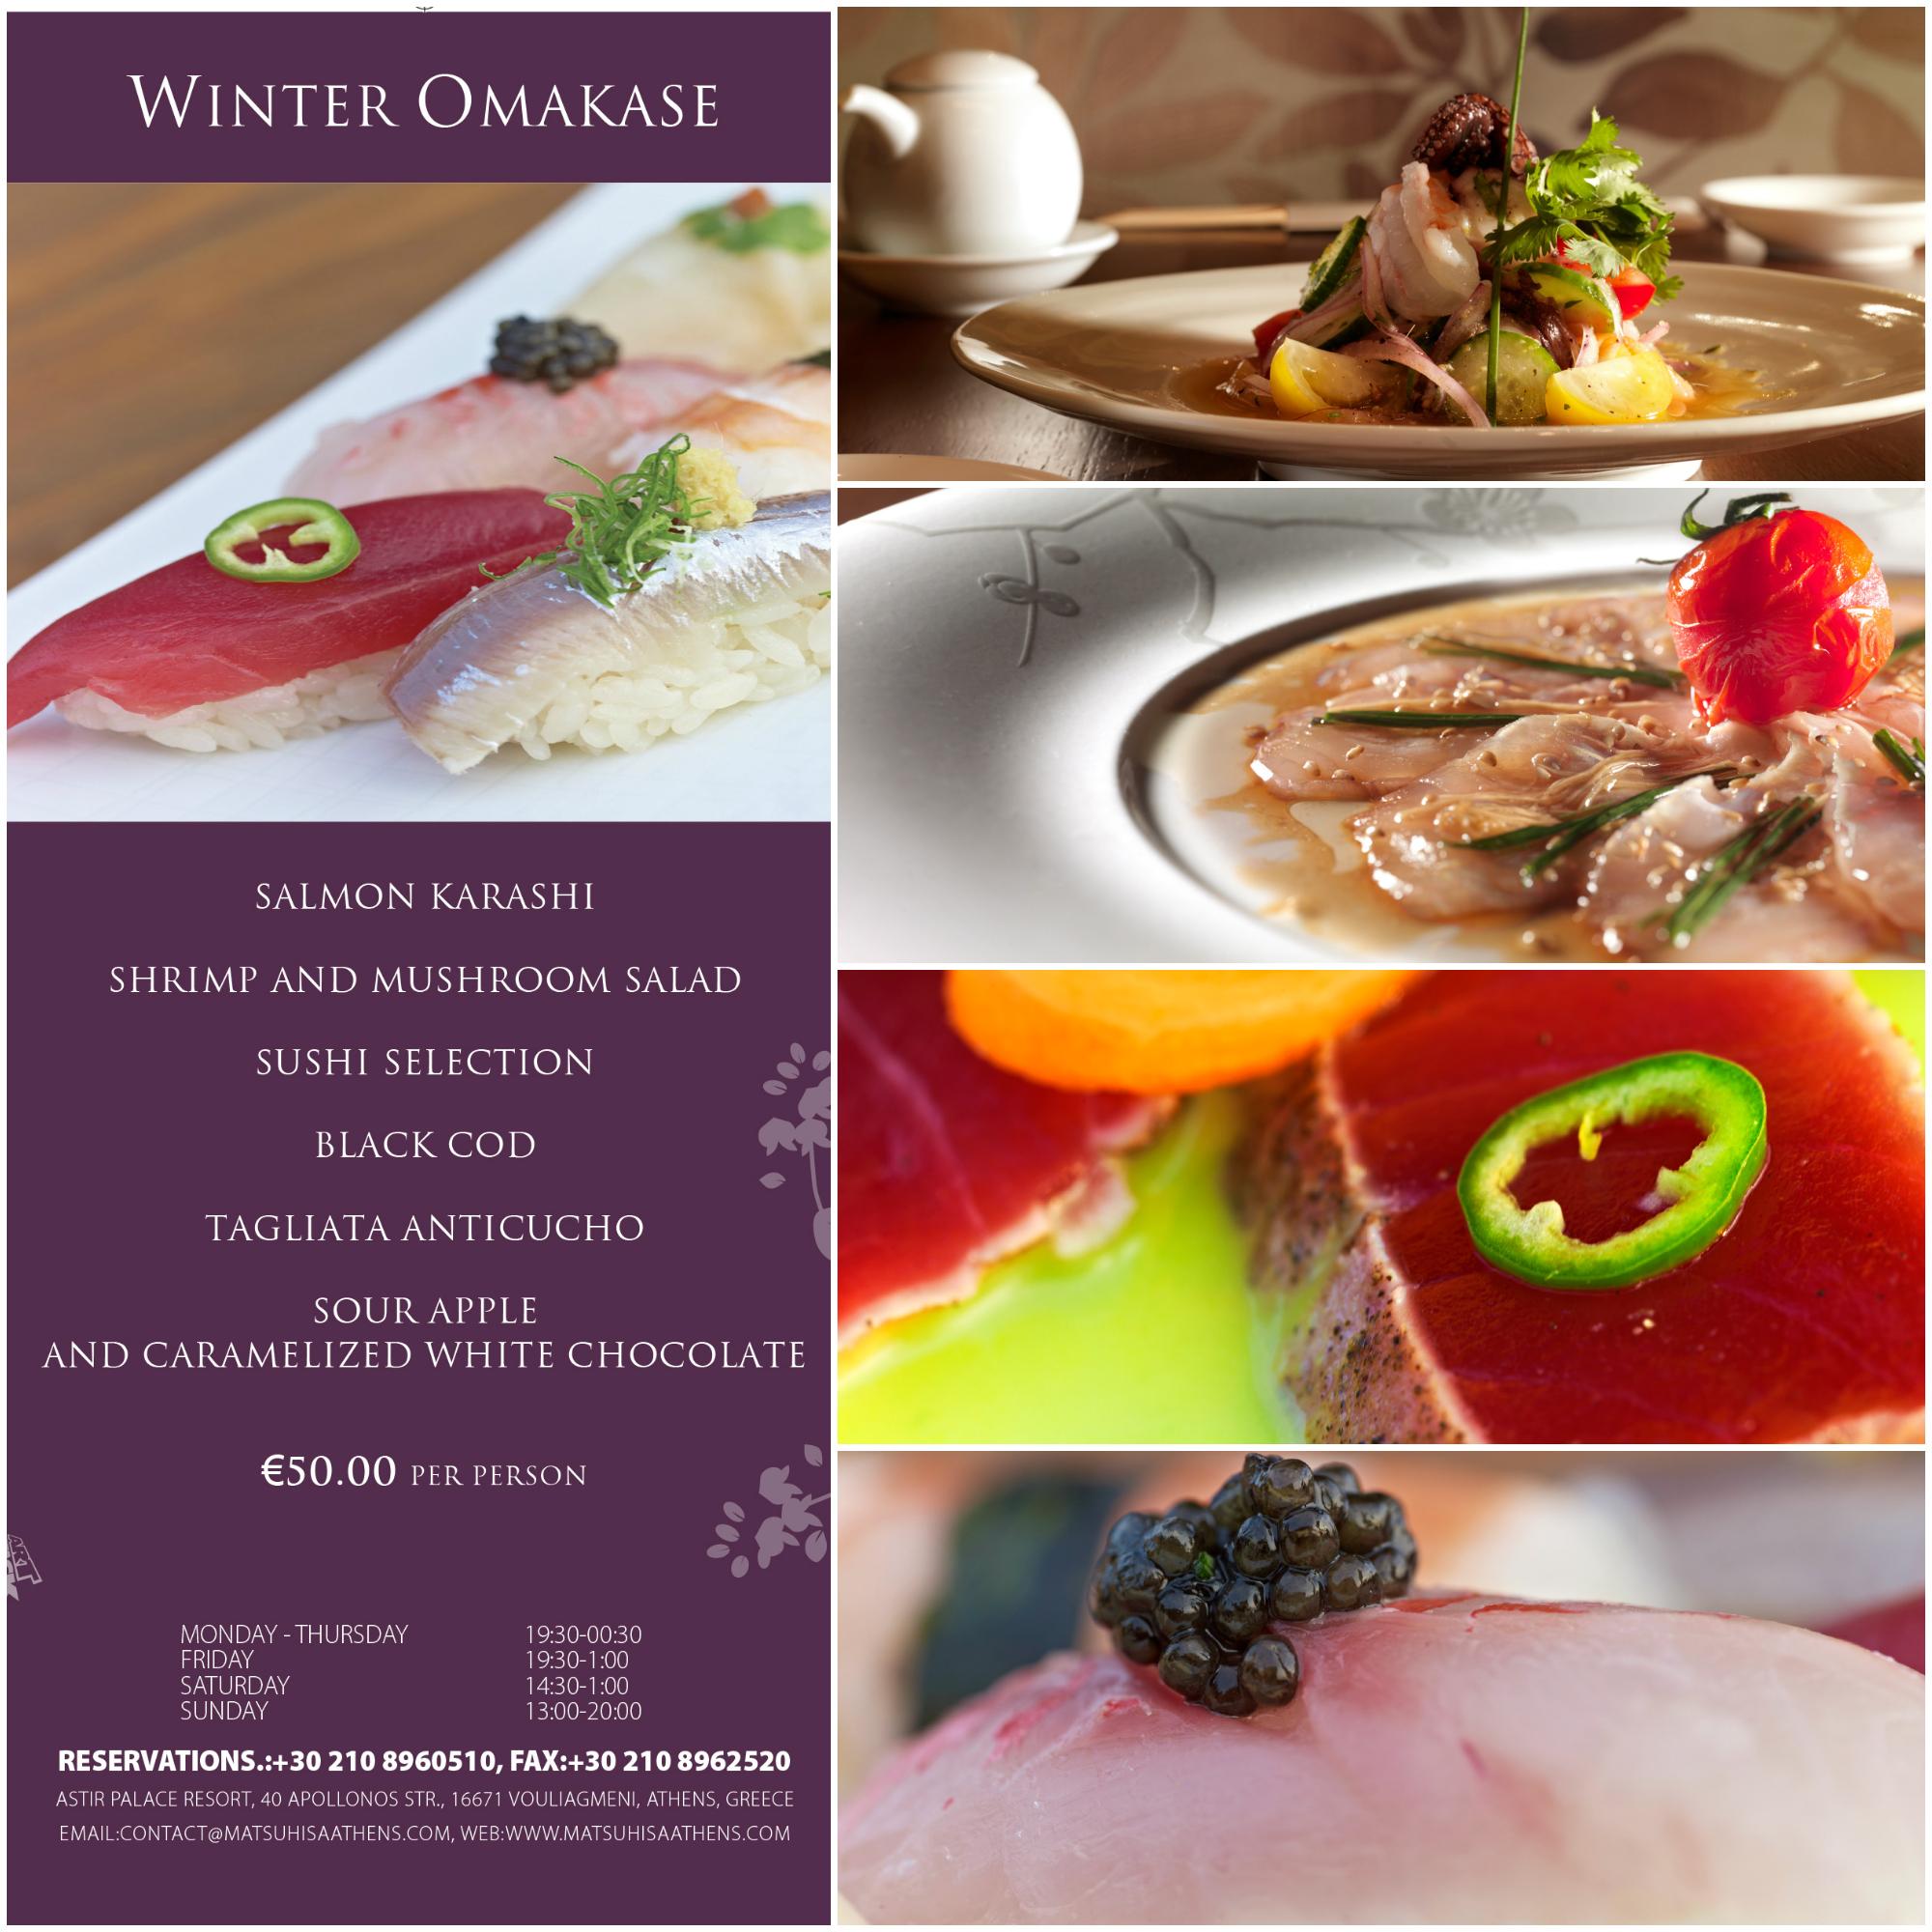 Winter Omakase Matsuhisa Athens